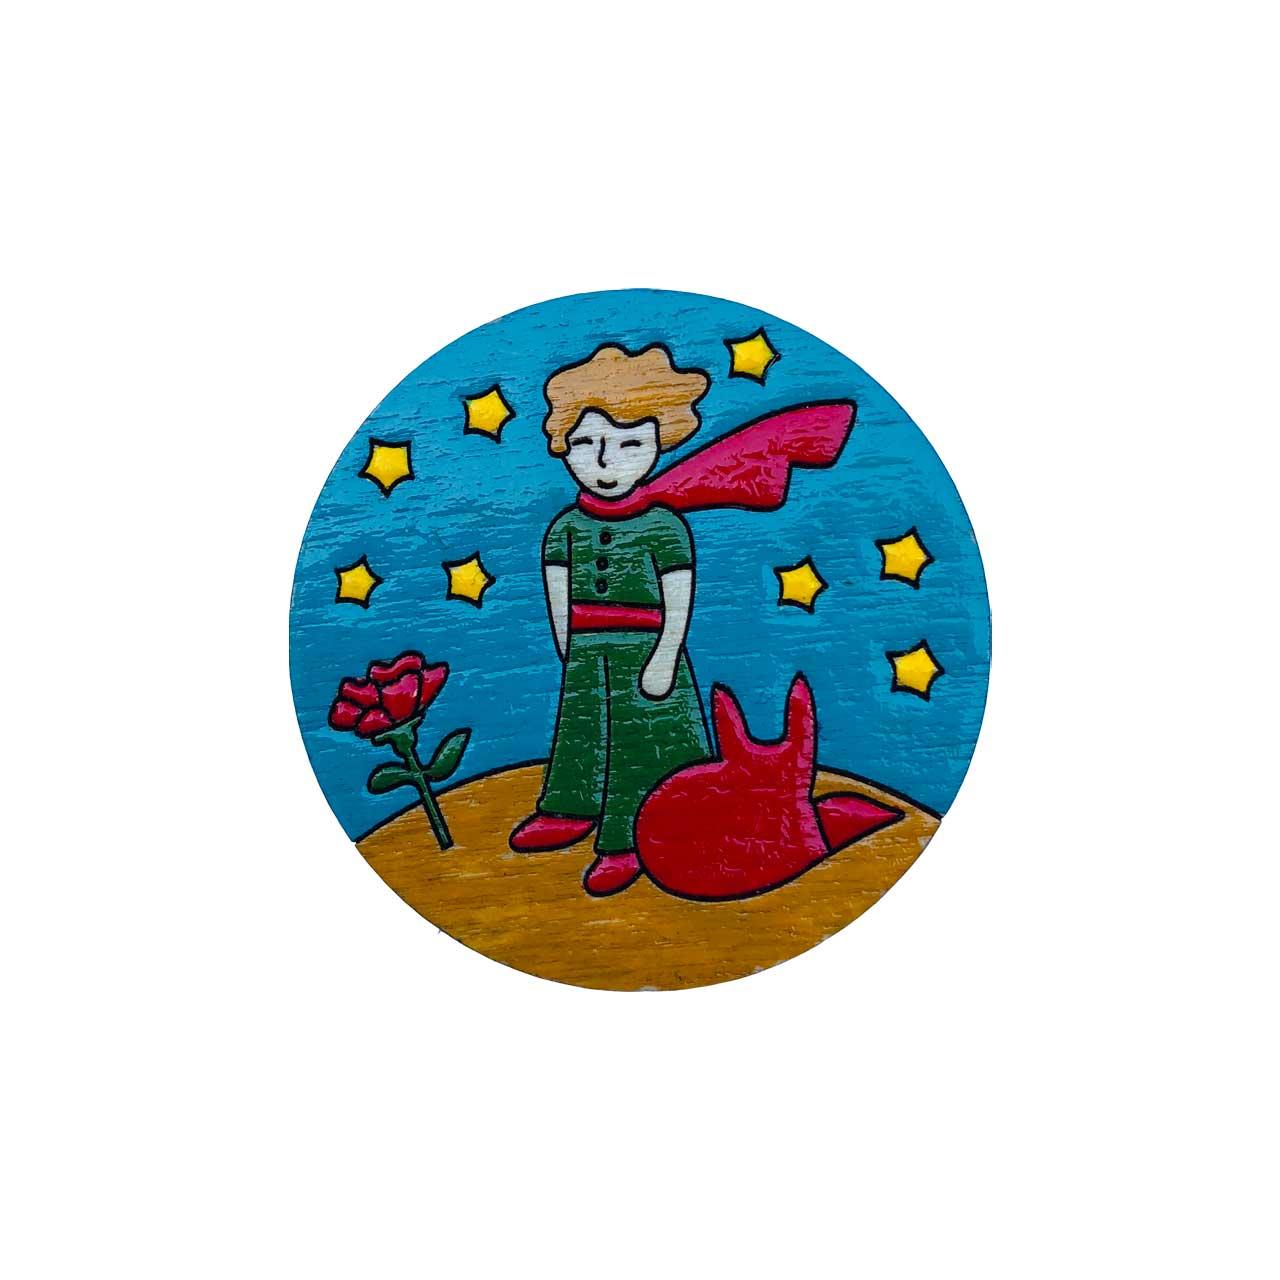 عکس پیکسل چوبی مدل شازده کوچولو